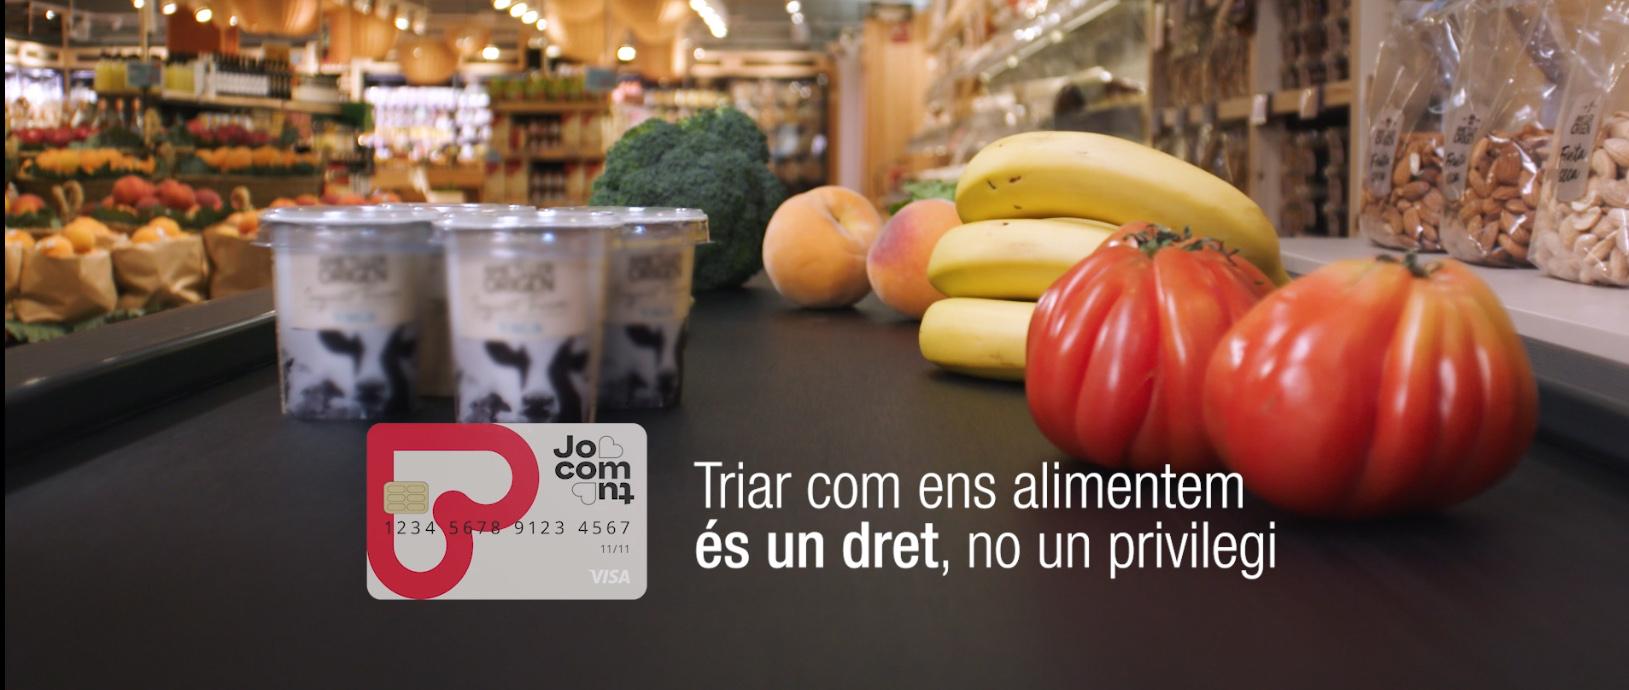 Triar com ens alimentem és un dret